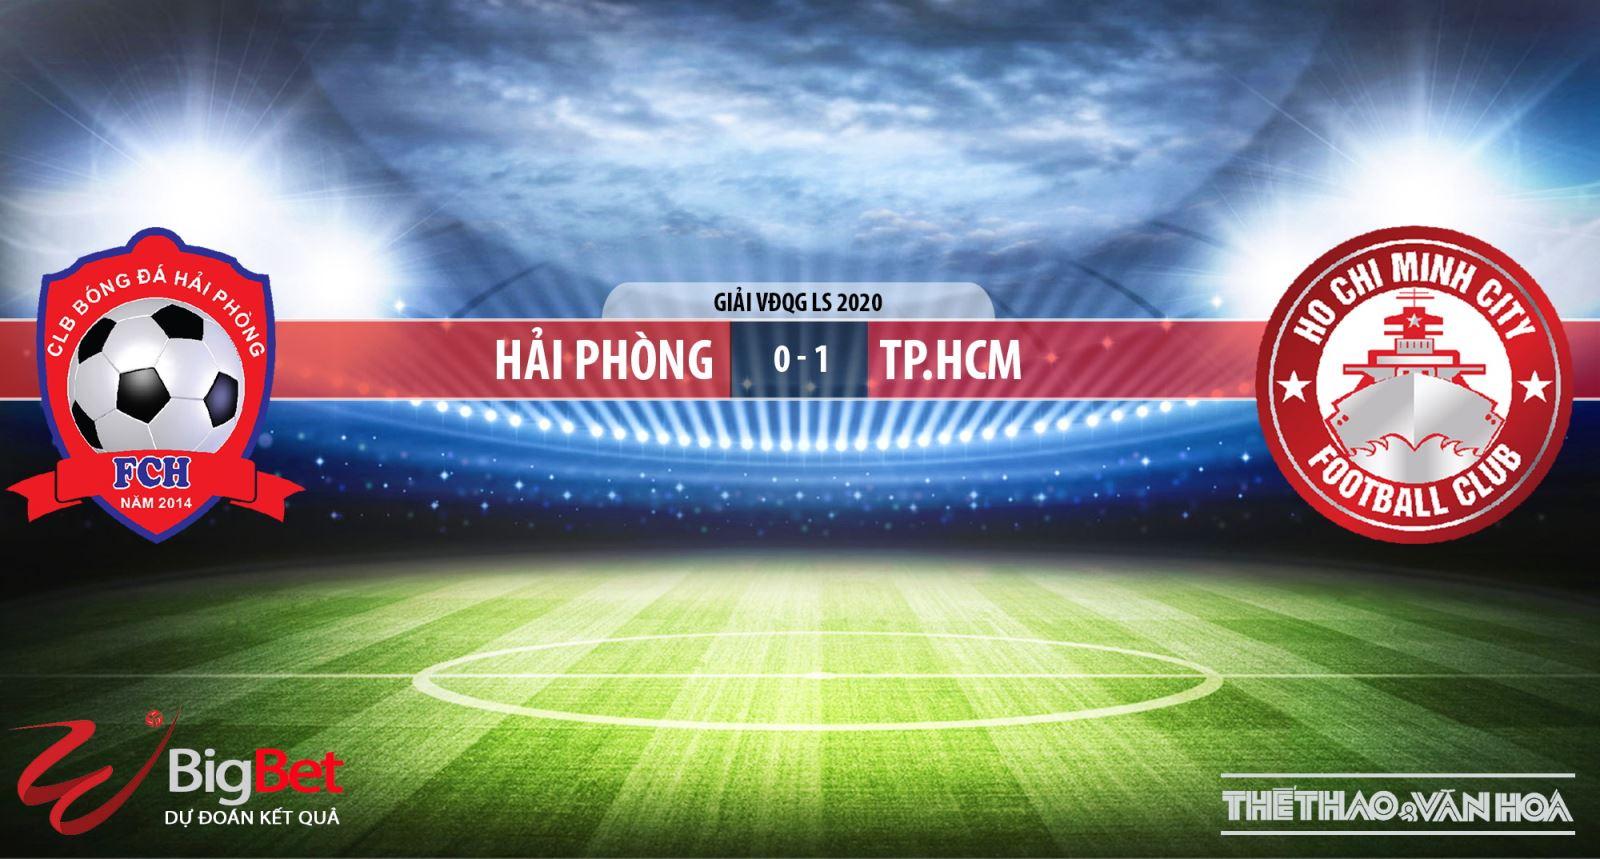 Hải Phòng vsThành phố Hồ Chí Minh, Hải Phòng, TP.HCM, soi kèo bóng đá, nhận định, trực tiếp bóng đá, kèo bóng đá, VTV6, VTV5, BĐTV